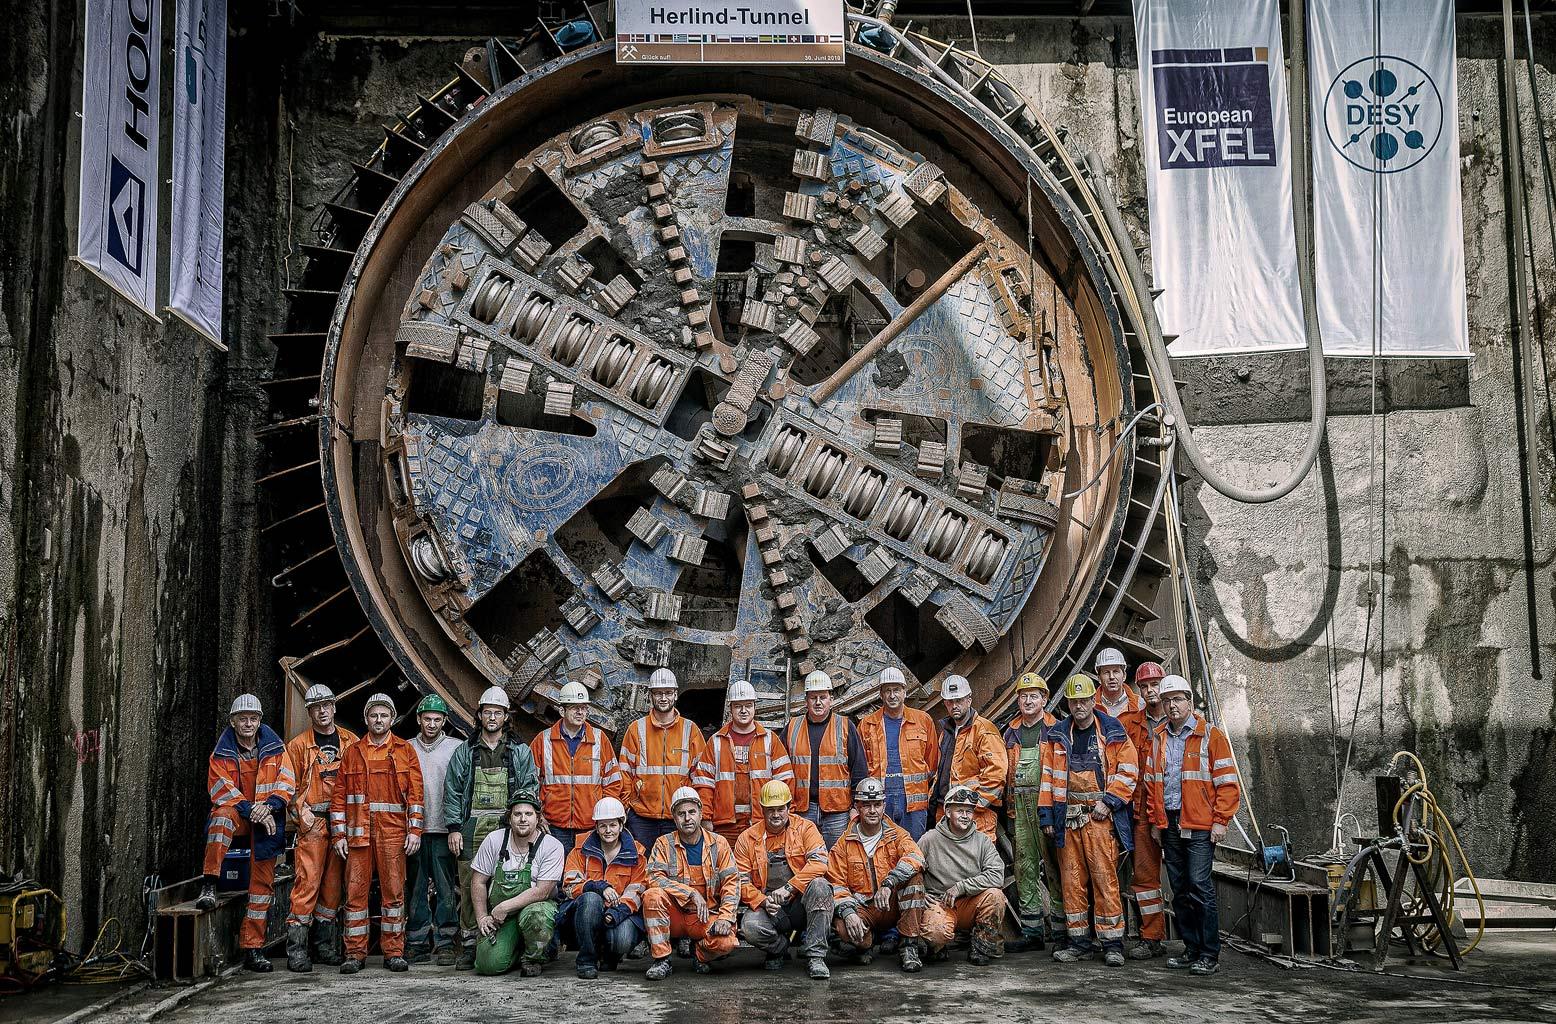 Gruppenbild Arbeiter vor Herlind Tunnel Bohrer XFEL © Hermann Jansen